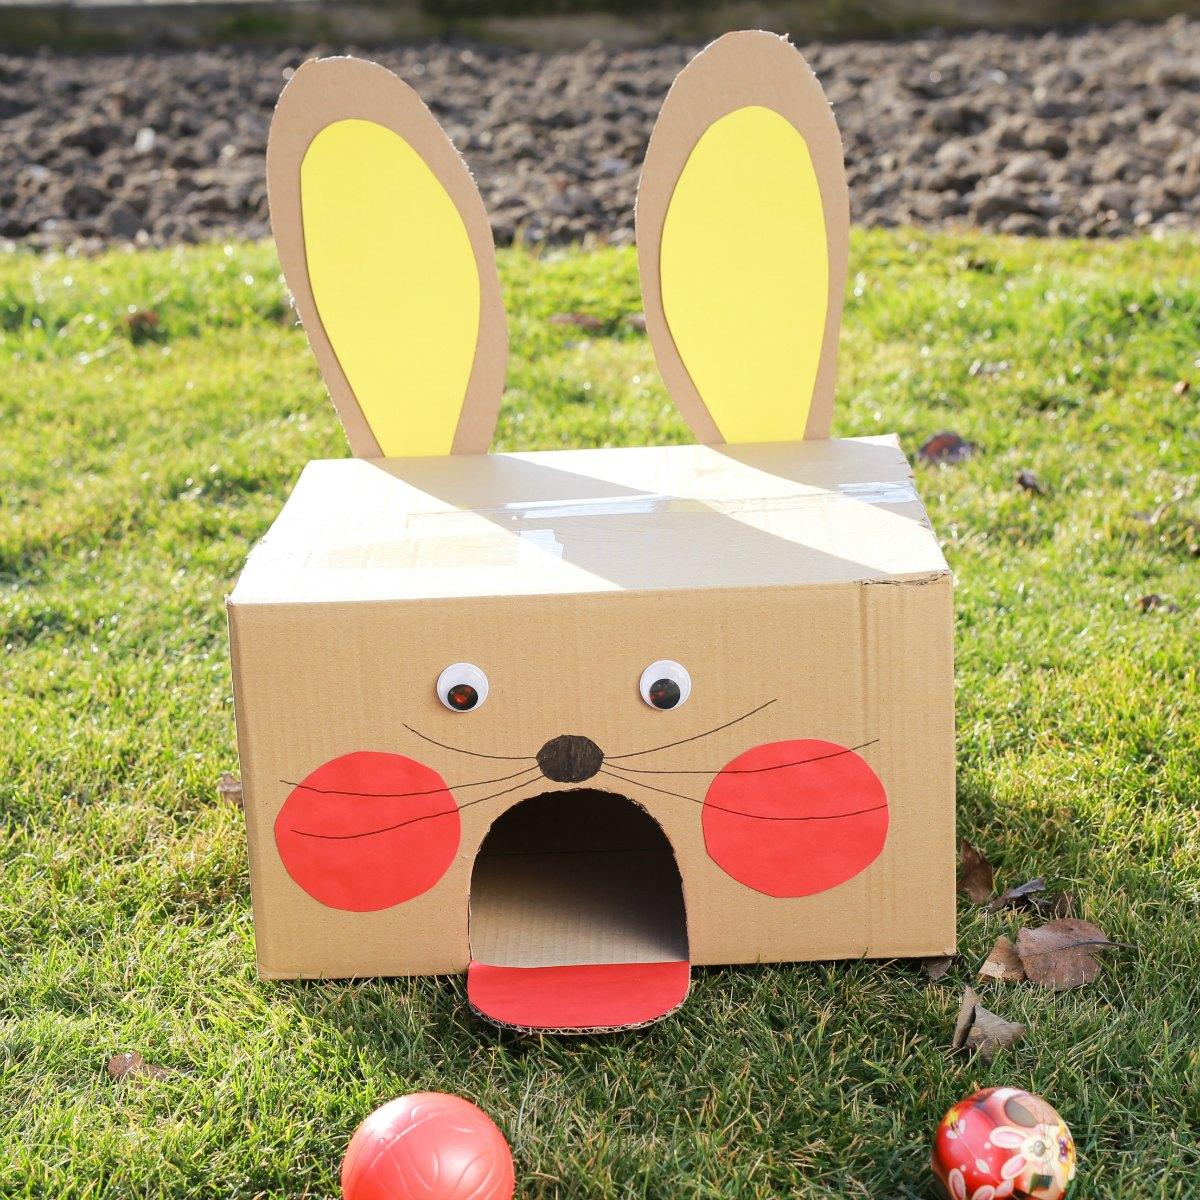 Fun Easter Bunny Cardboard Box Ball Game